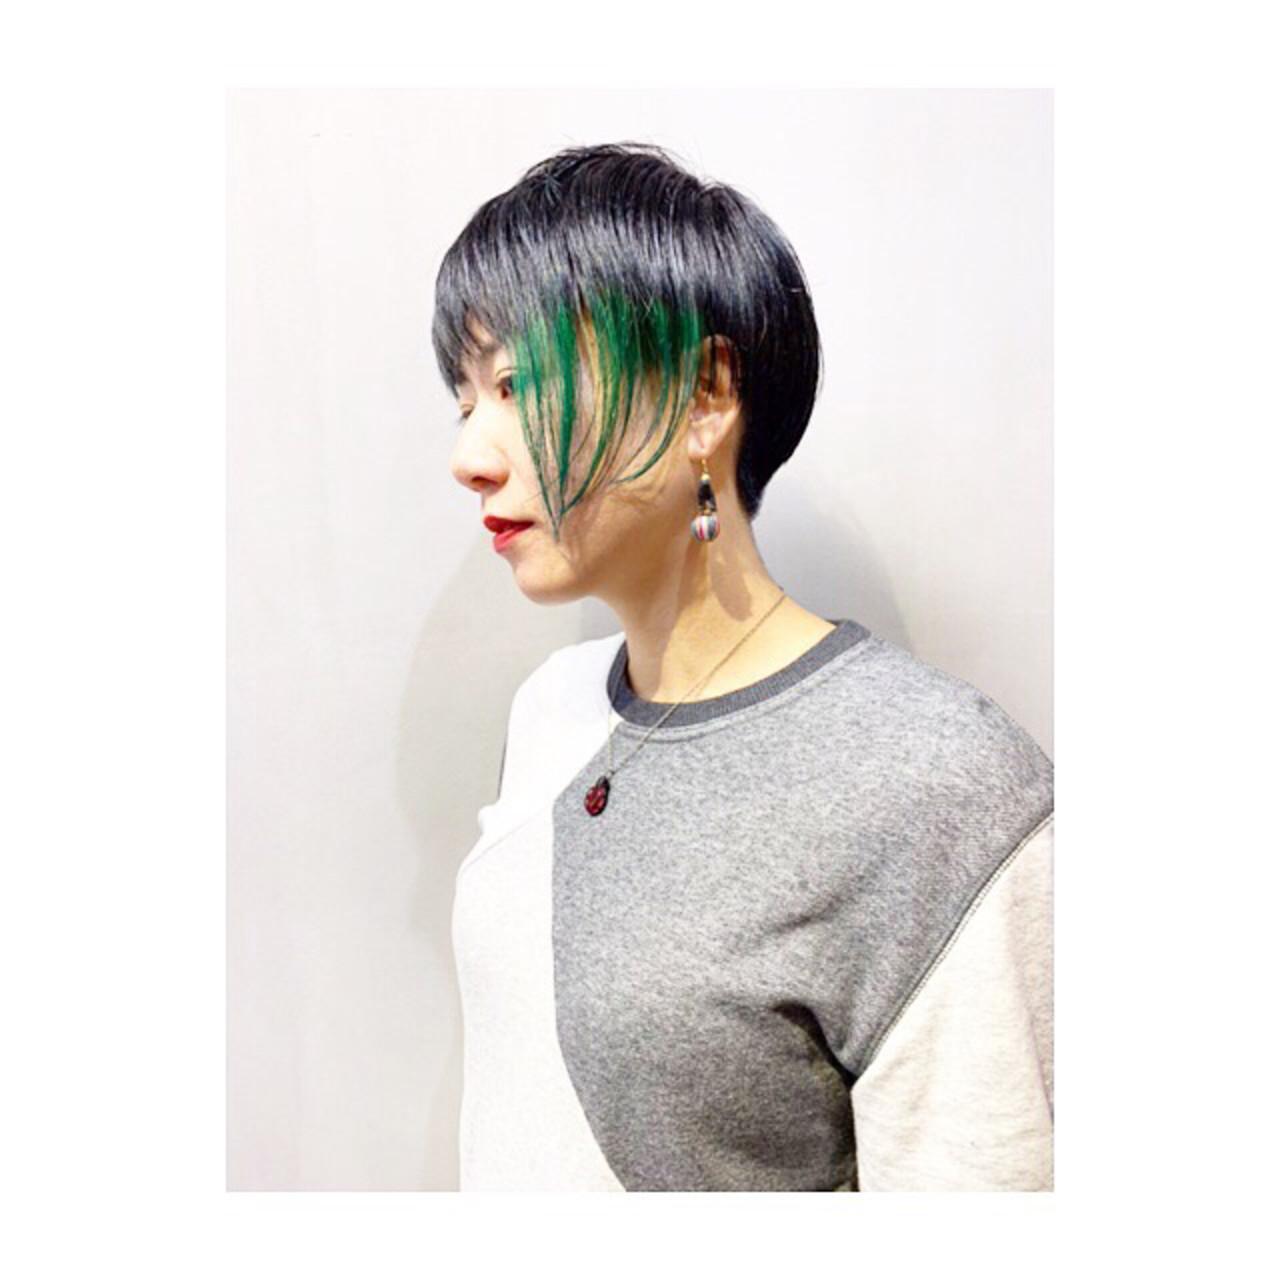 スポーツ パープル ショート ストリート ヘアスタイルや髪型の写真・画像